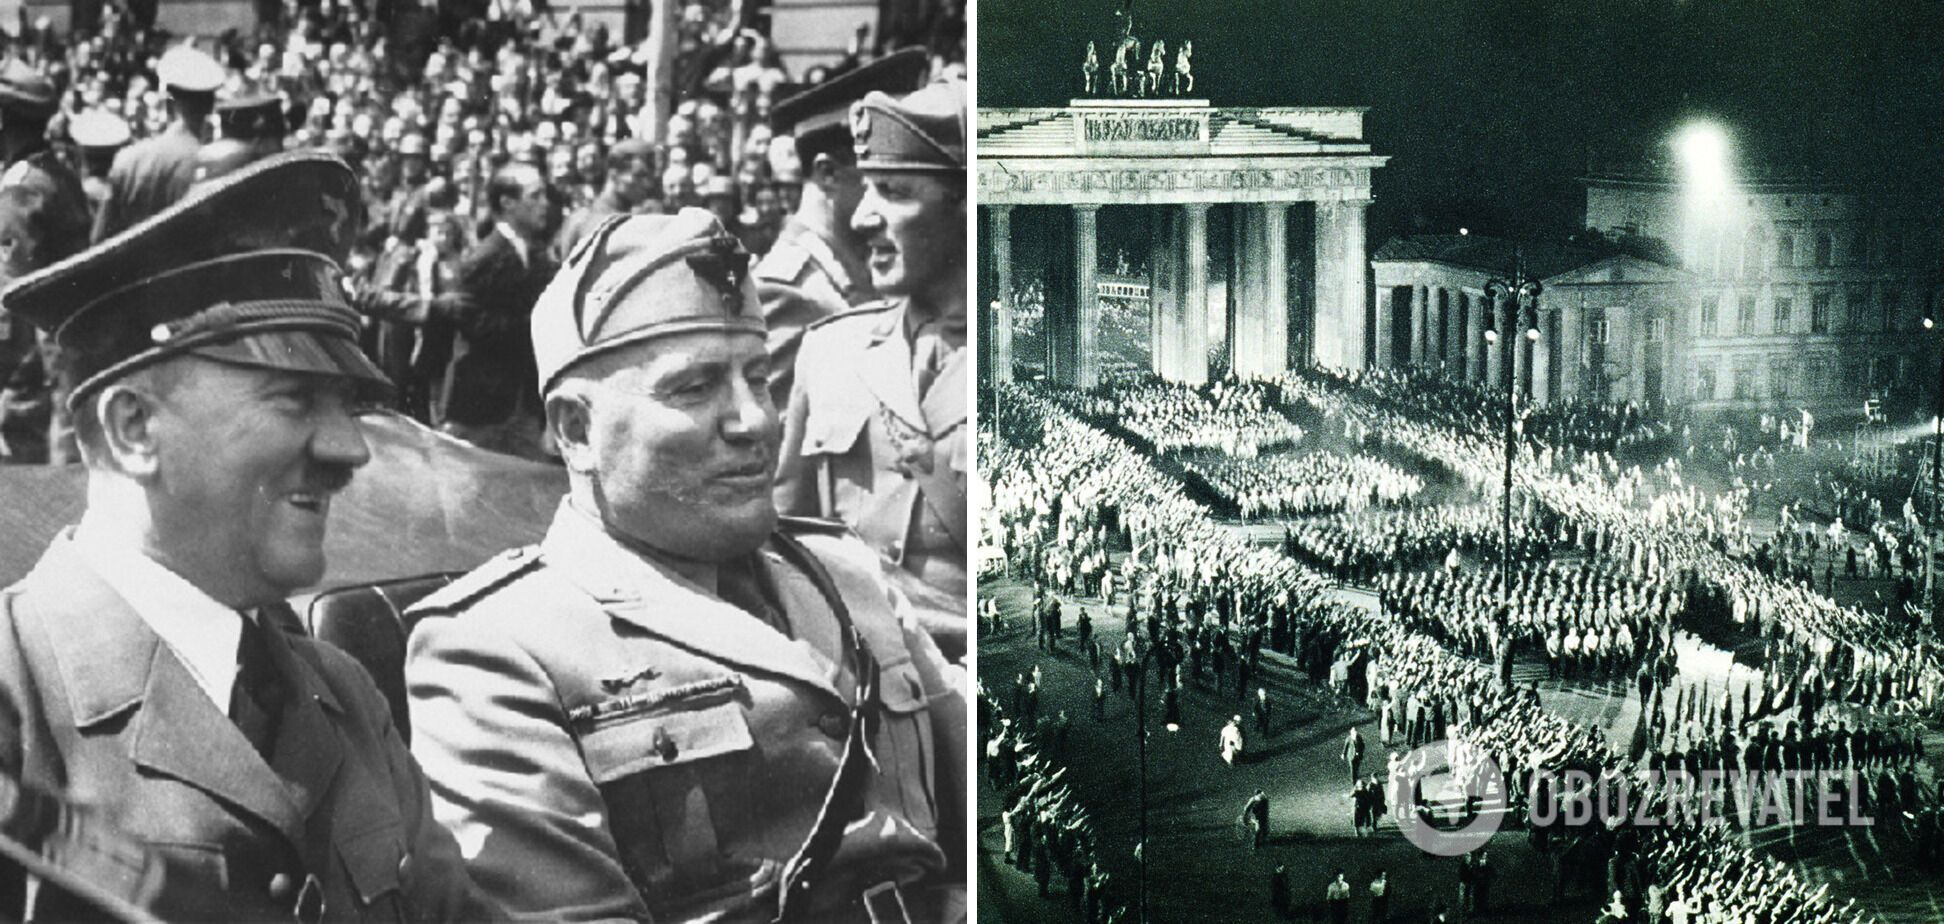 Большой фашистский совет: от санкций и контроля за СМИ – до режима Муссолини